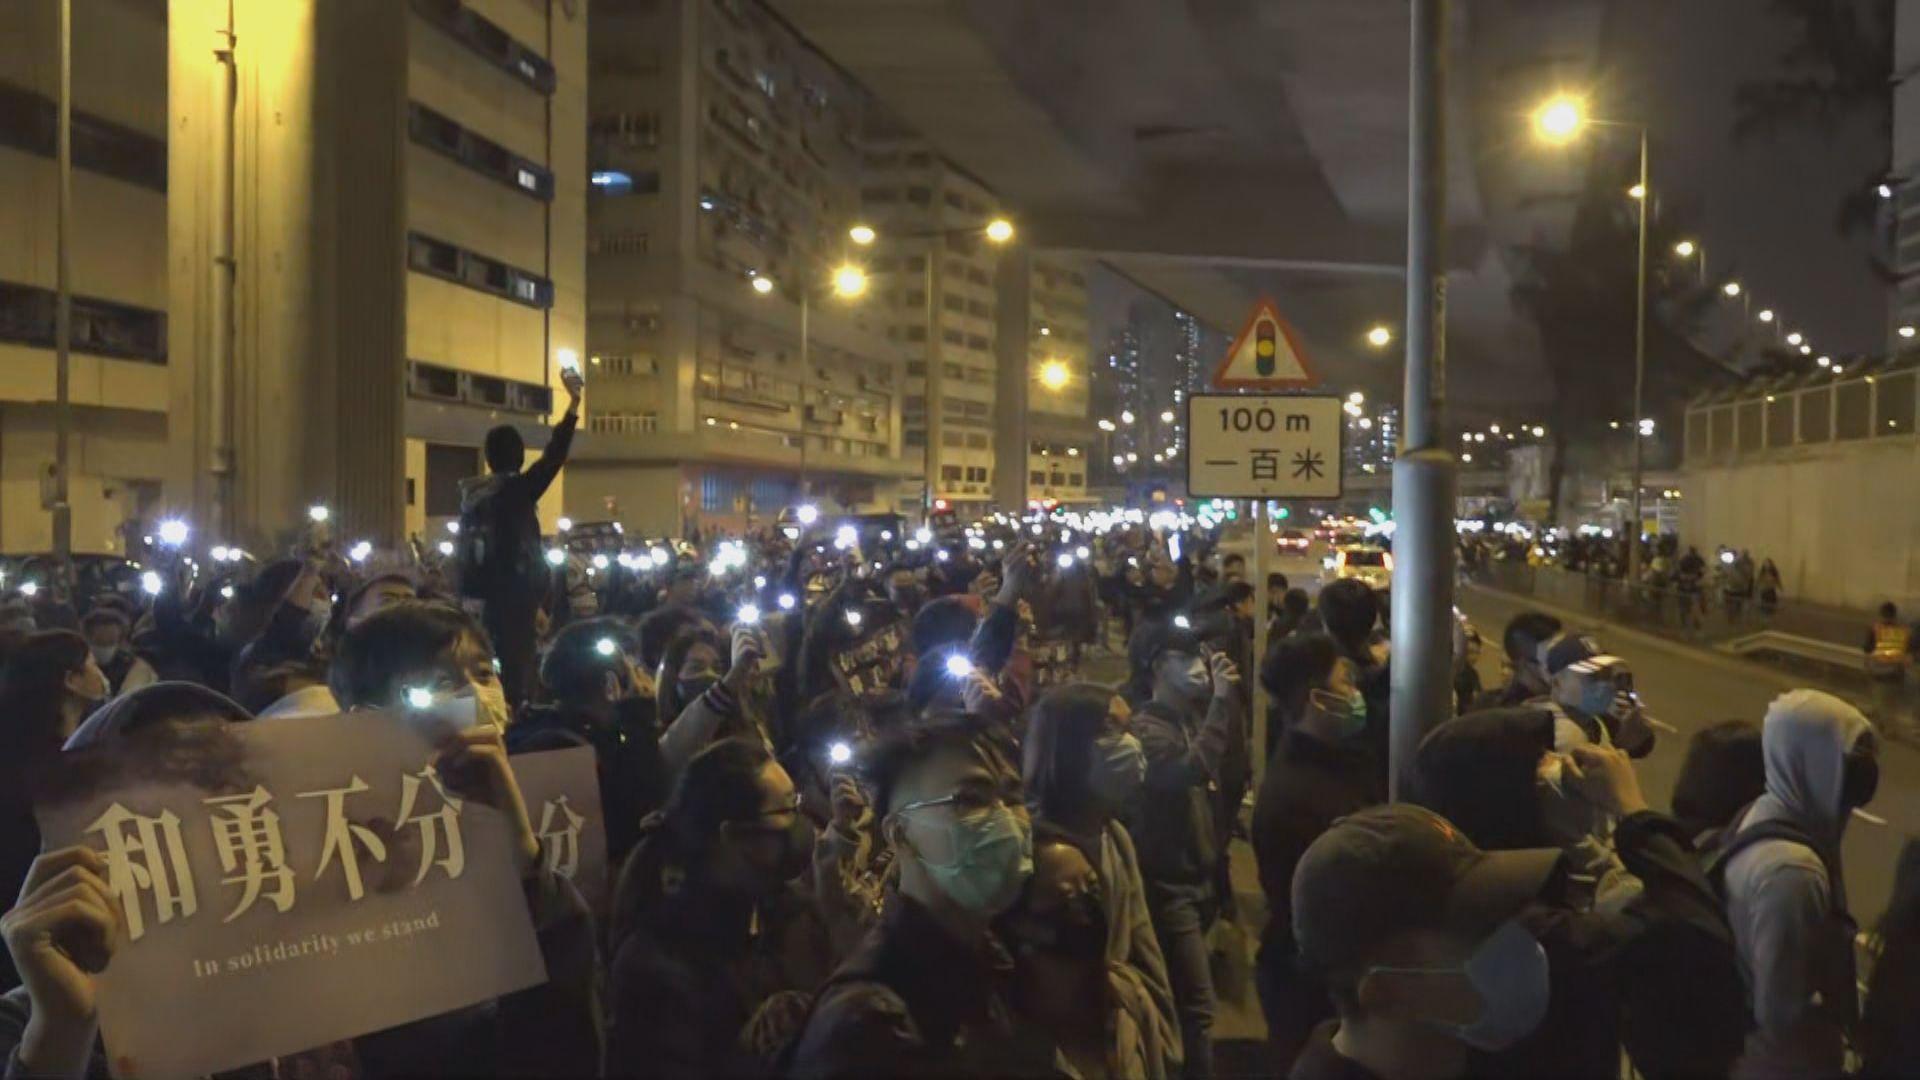 數百人在荔枝角收押所外集會支持被捕人士